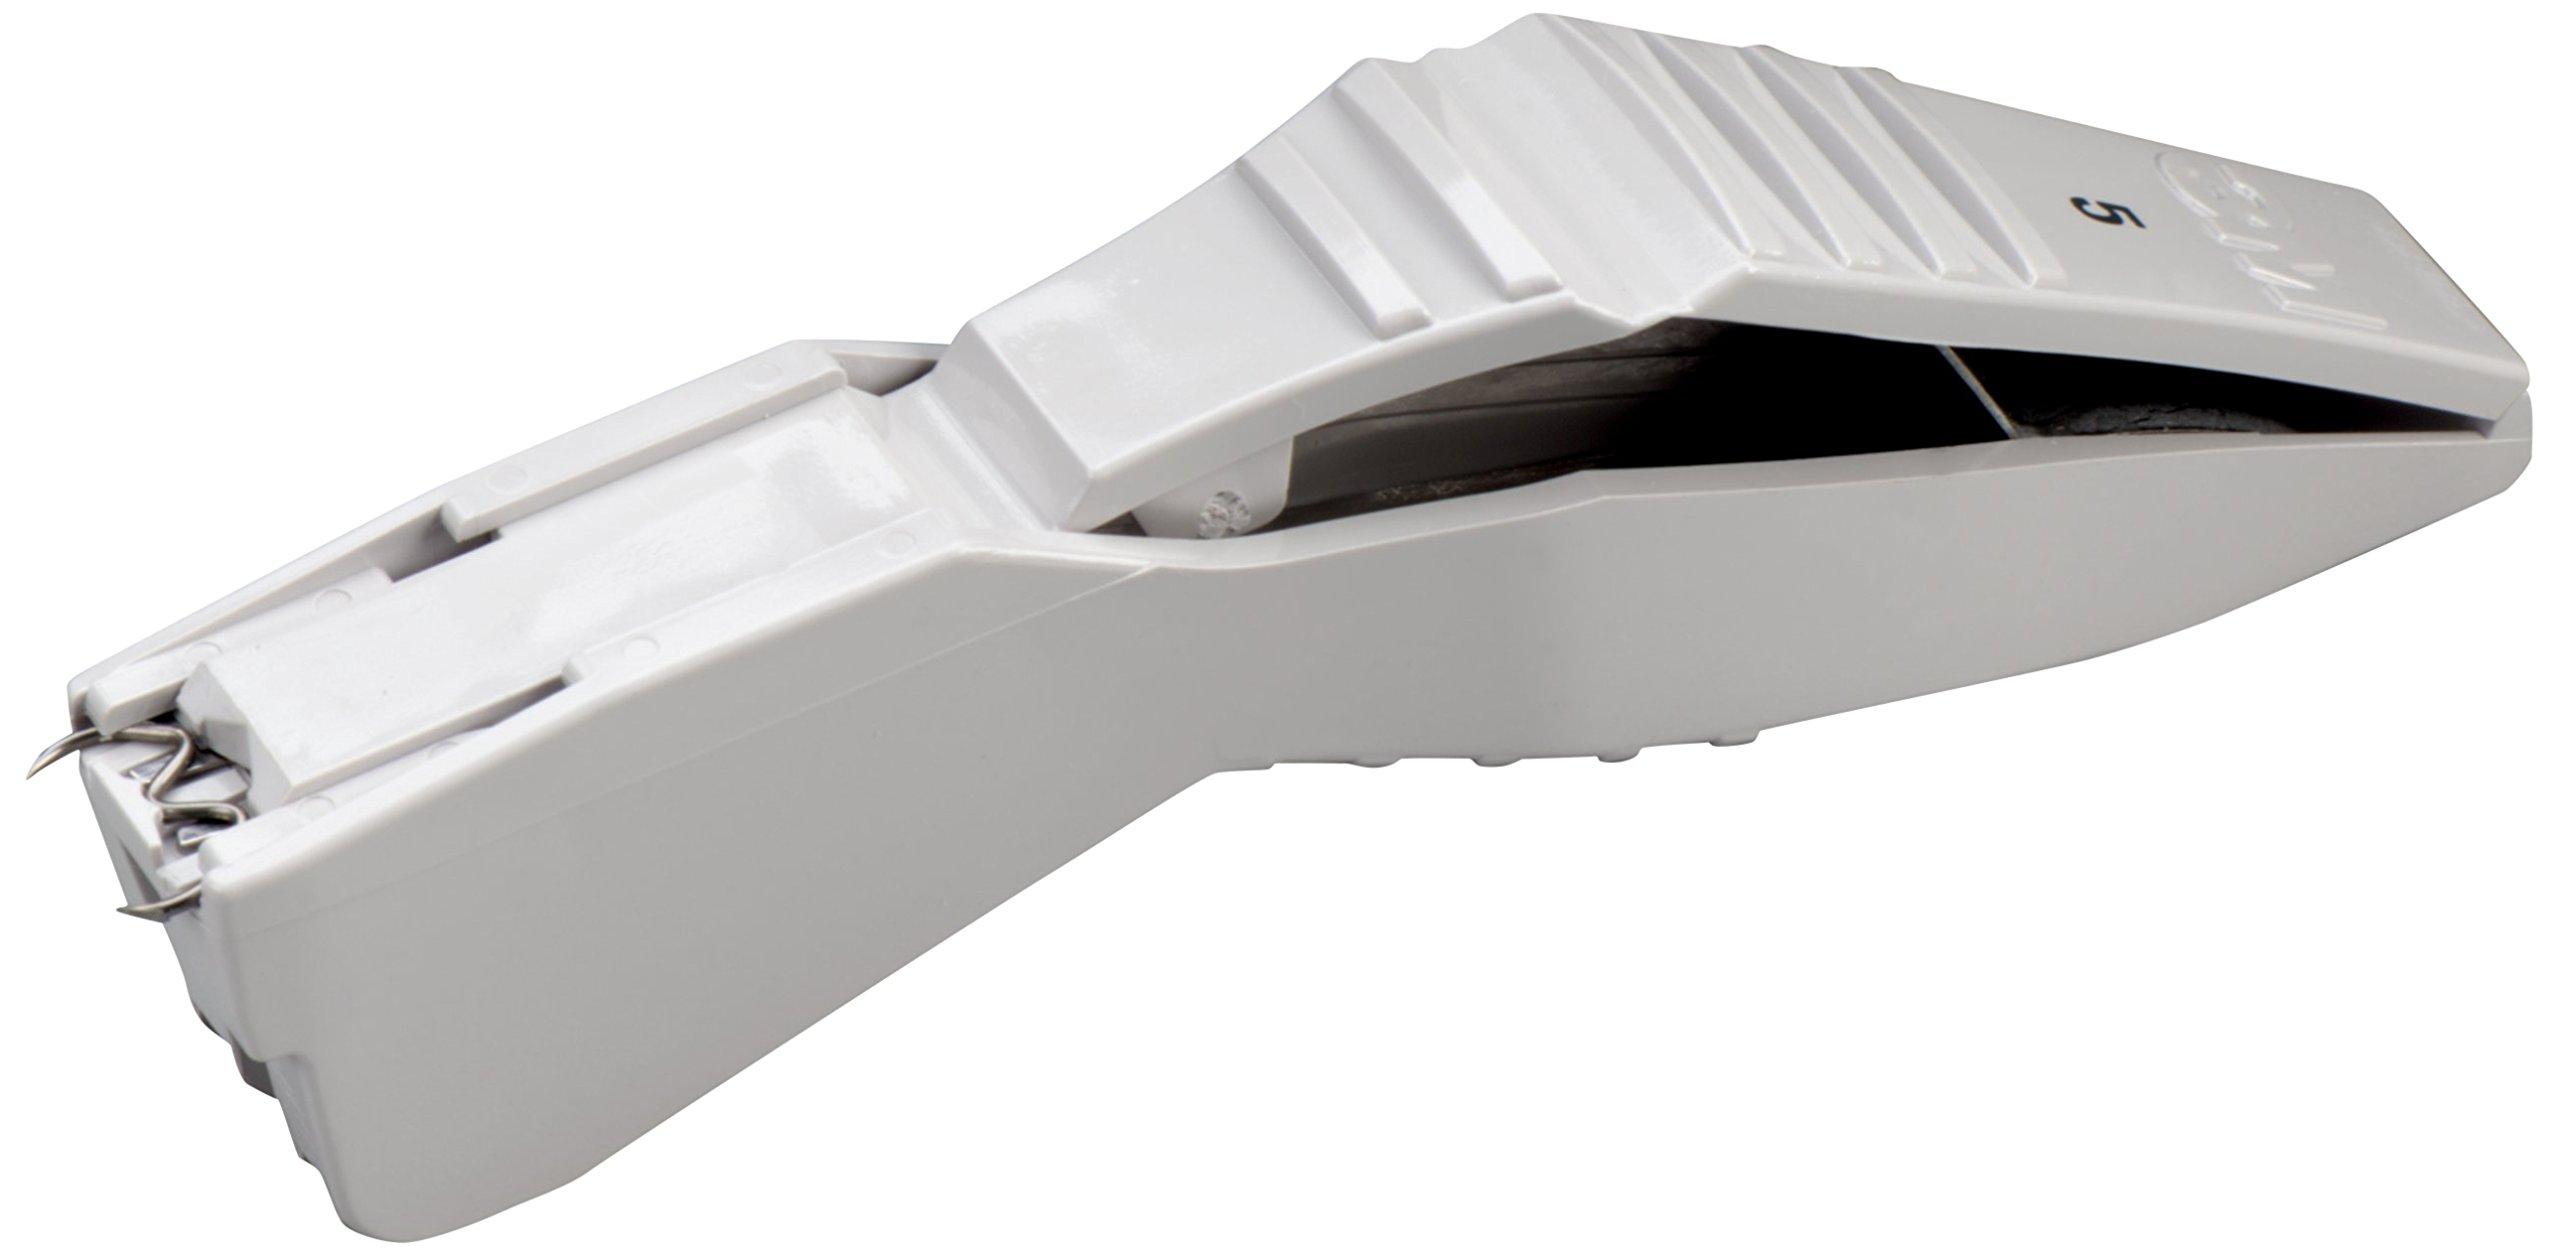 3M DS-25 Precise Multi-Shot DS Disposable Skin Stapler (Pack of 12)